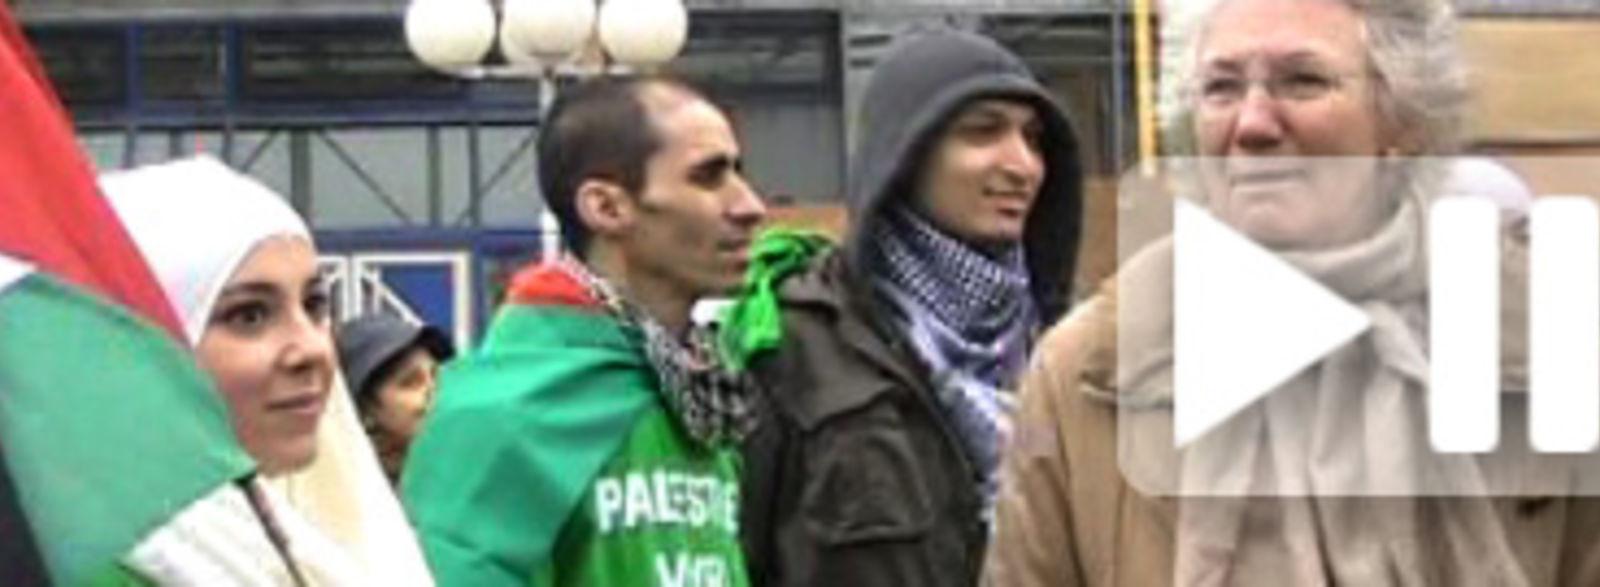 Des militants de la campagne de boycott  des produits israéliens «BDS» devant les tribunaux